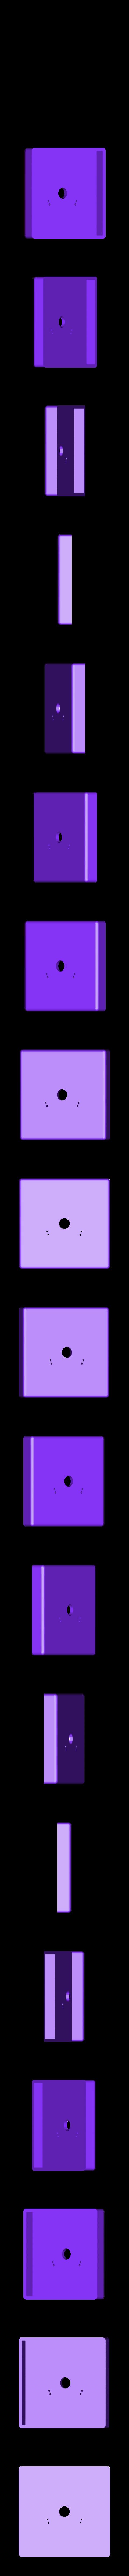 69310728 1cc6 4948 a893 a6e5982a6c52